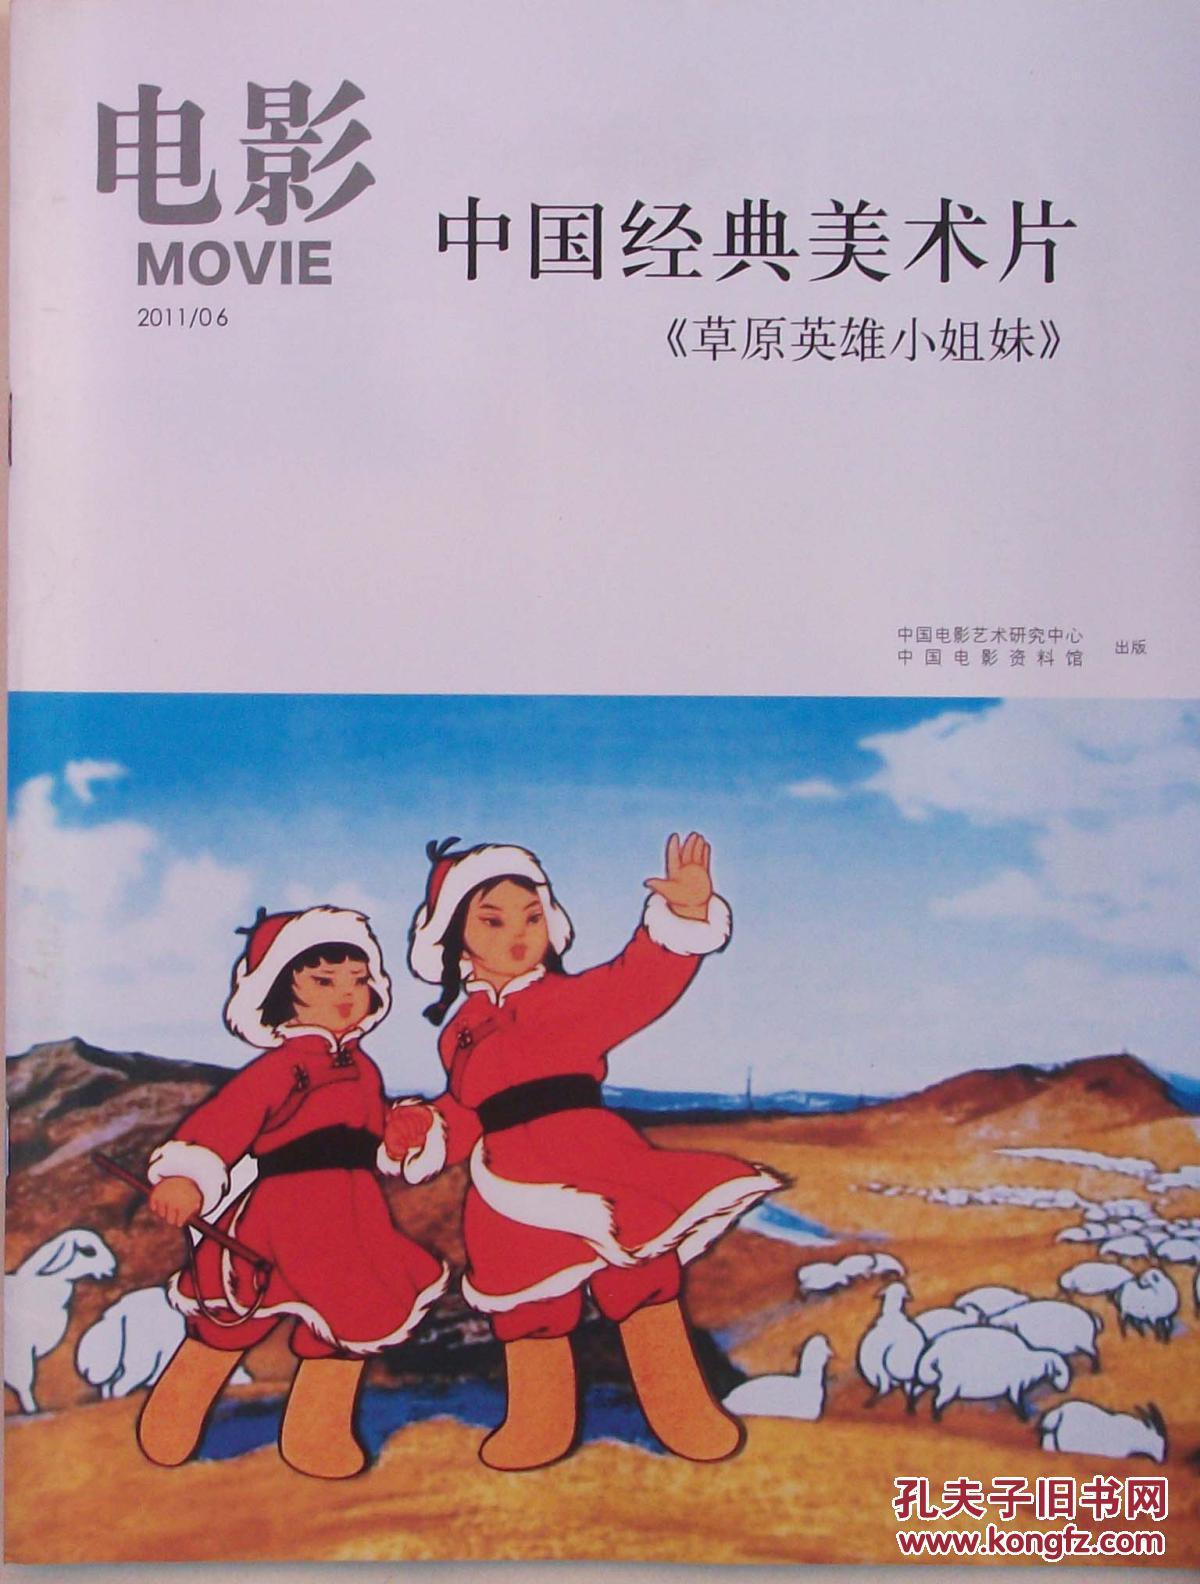 电影2011/06:中国经典美术片《草原英雄小姐妹》 1022图片